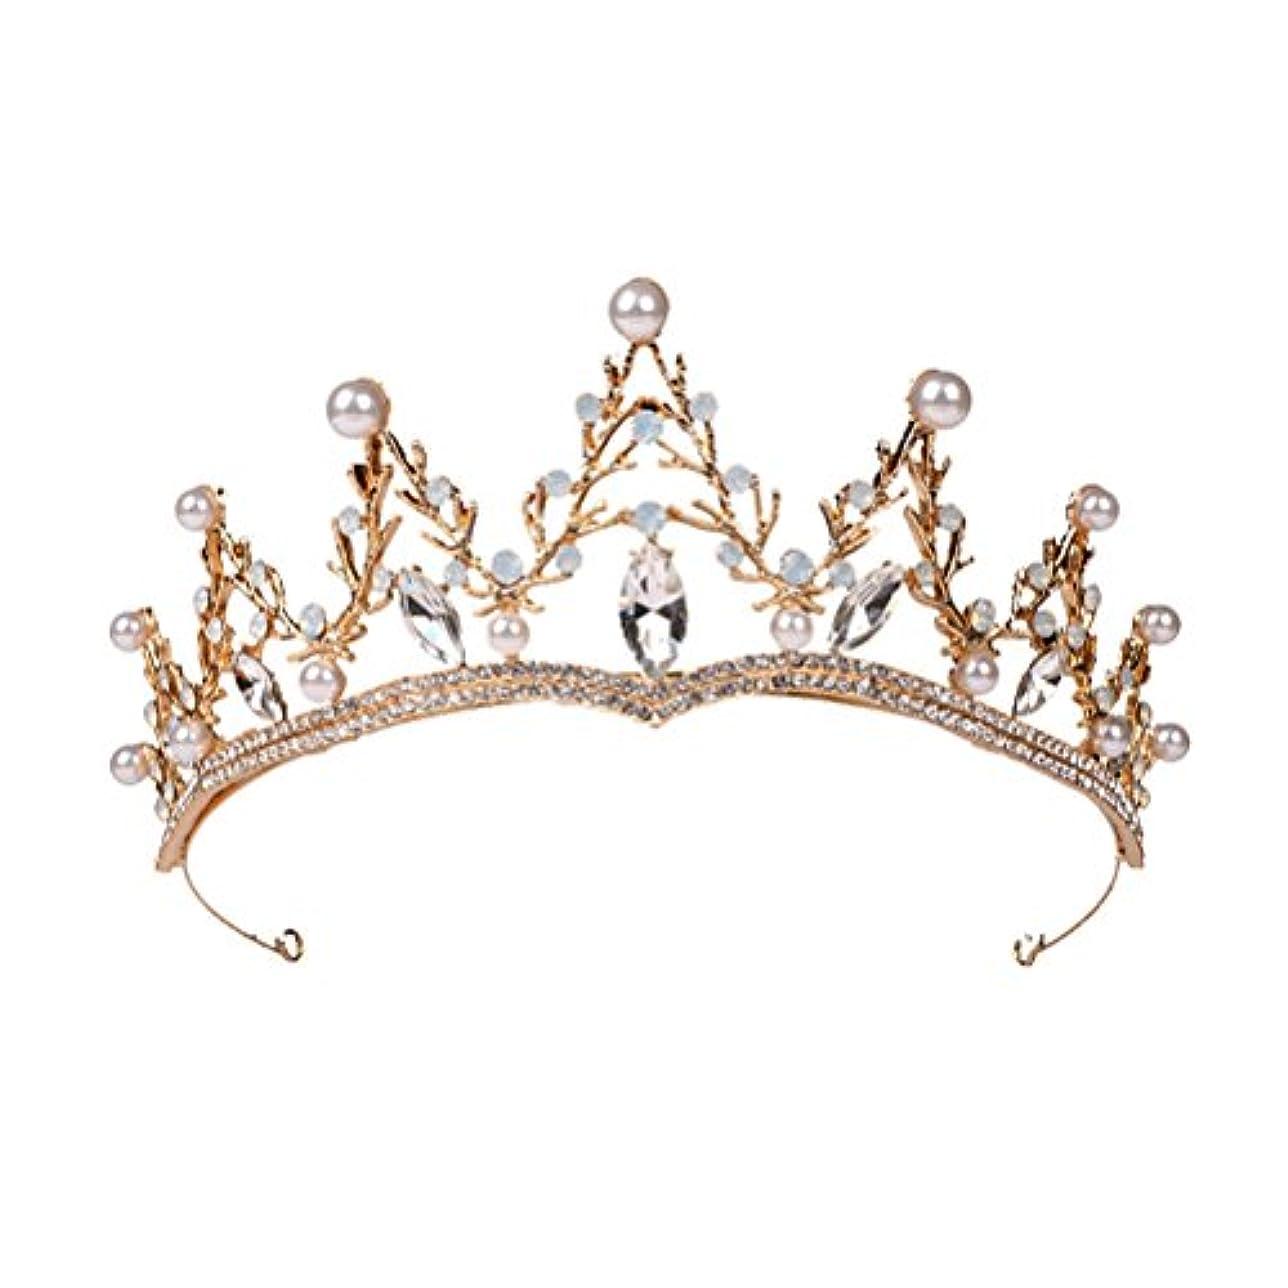 不十分な演じるシャッターLUOEM ブライダル ティアラ ヘアバンド 花嫁 結婚式 ウェディング 王冠 クラウン クリスタル 髪飾り ヘアアクセサリー(ゴールド)